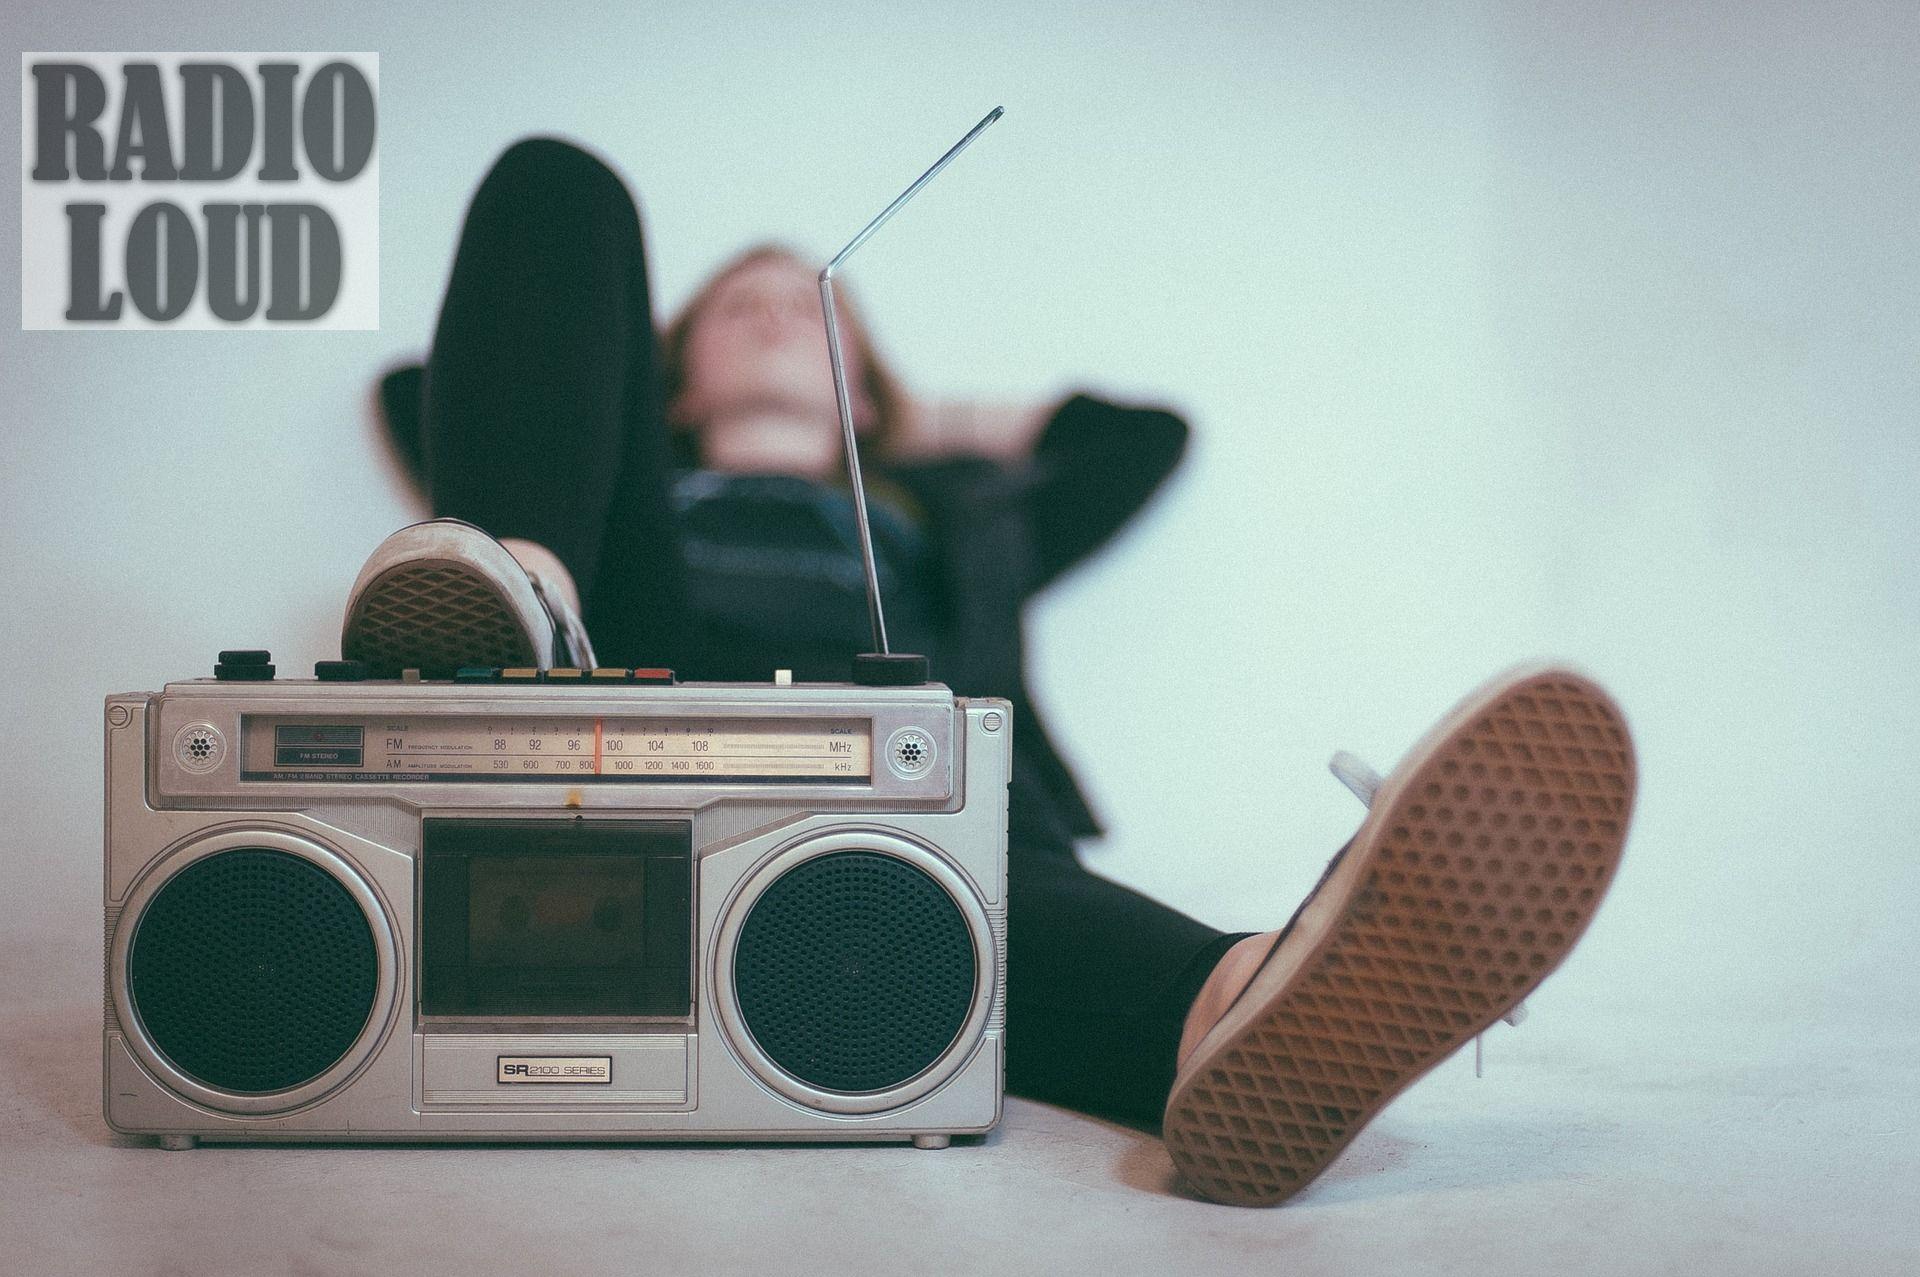 Radio Loud